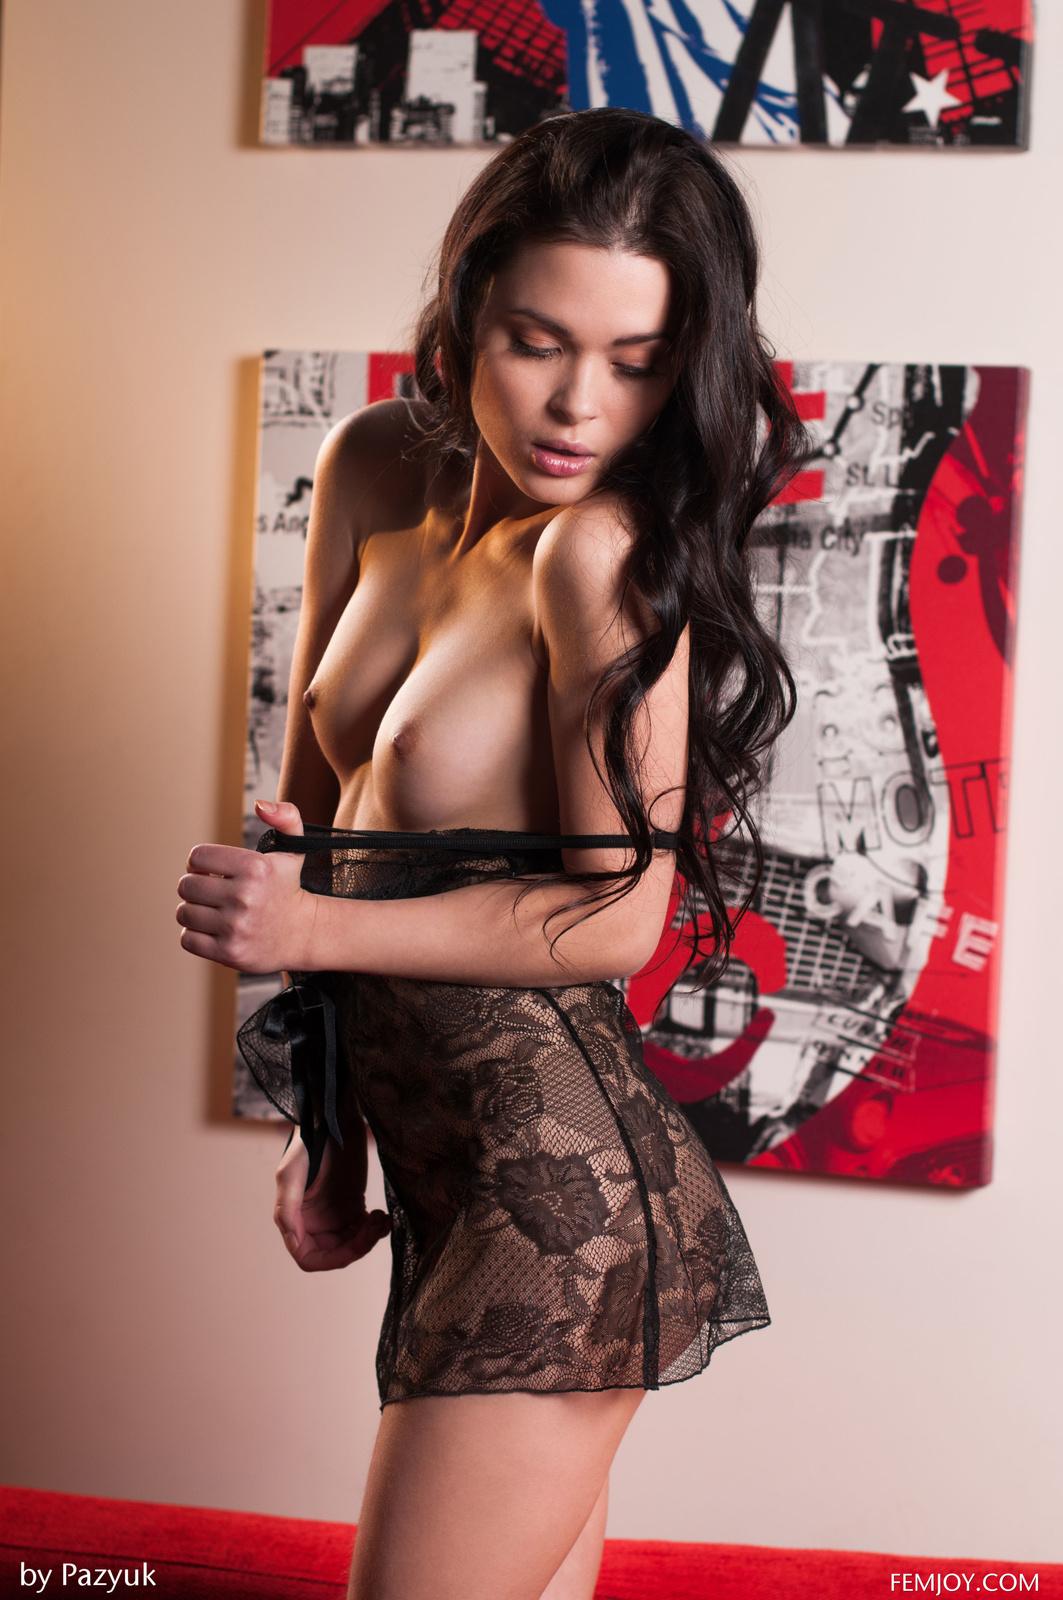 Zdjęcie porno - 123 - Zmysłowa z ciasną cipą